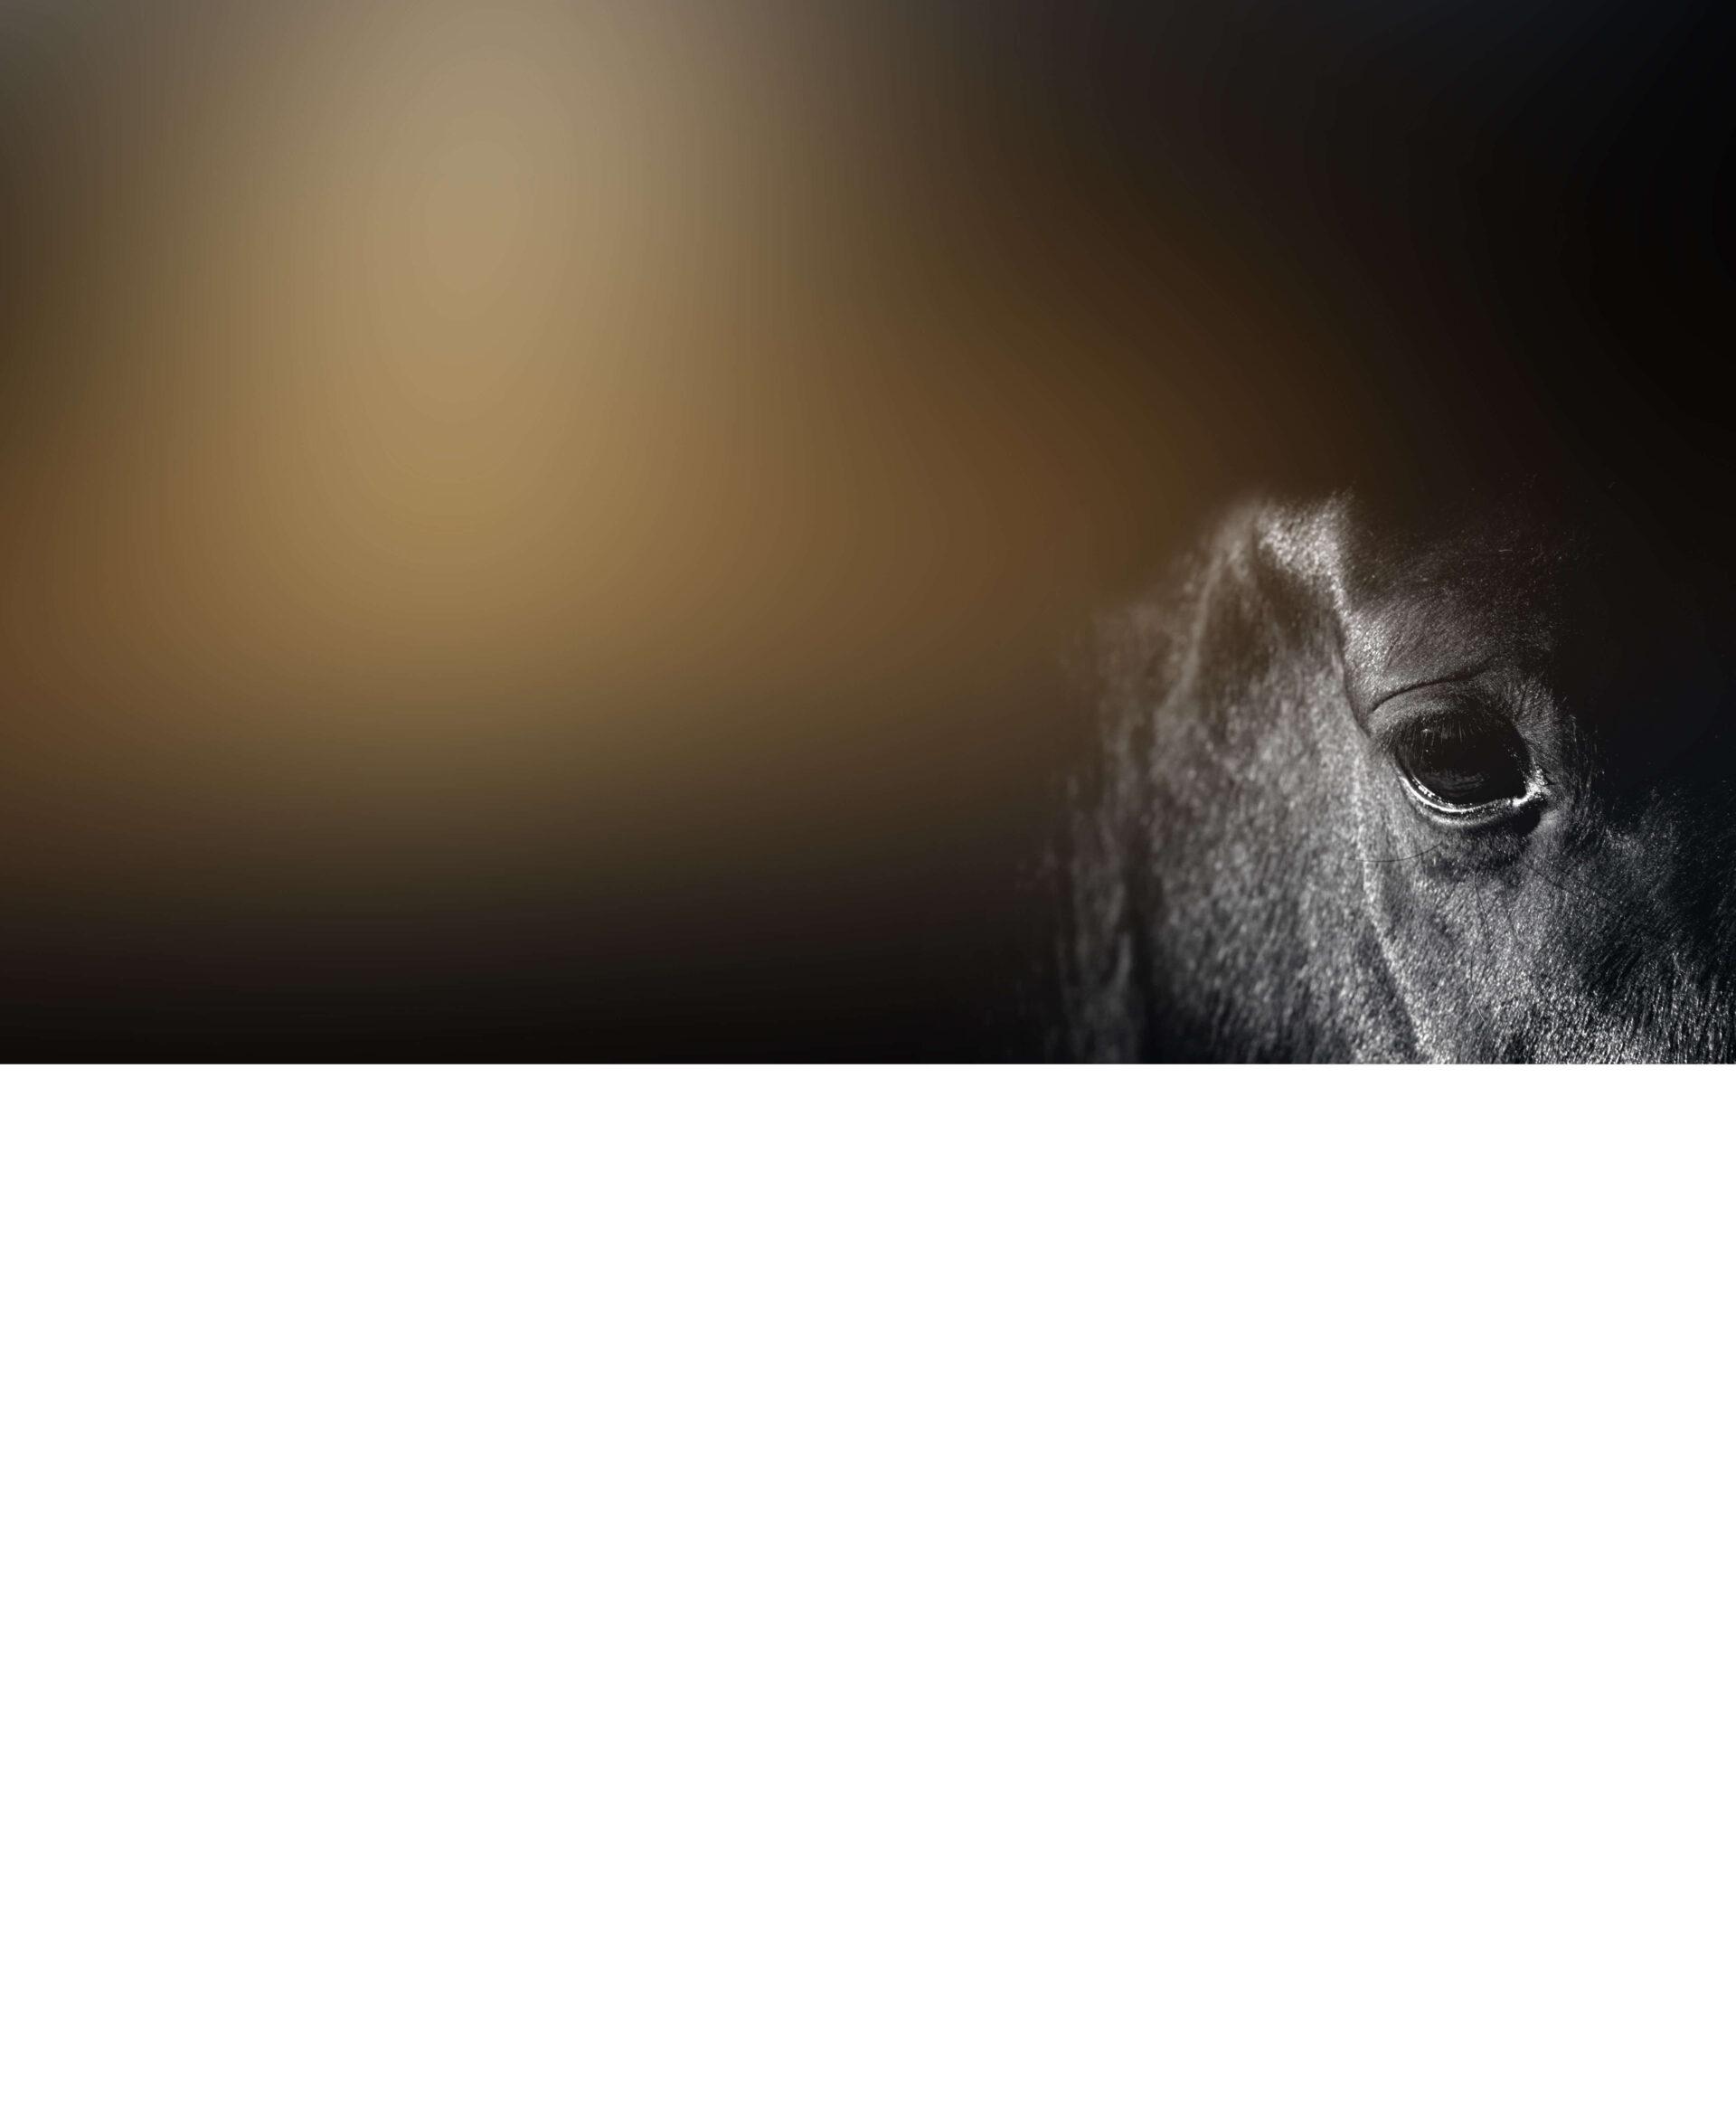 Führungskräftetraining am Pferd - das Konzept